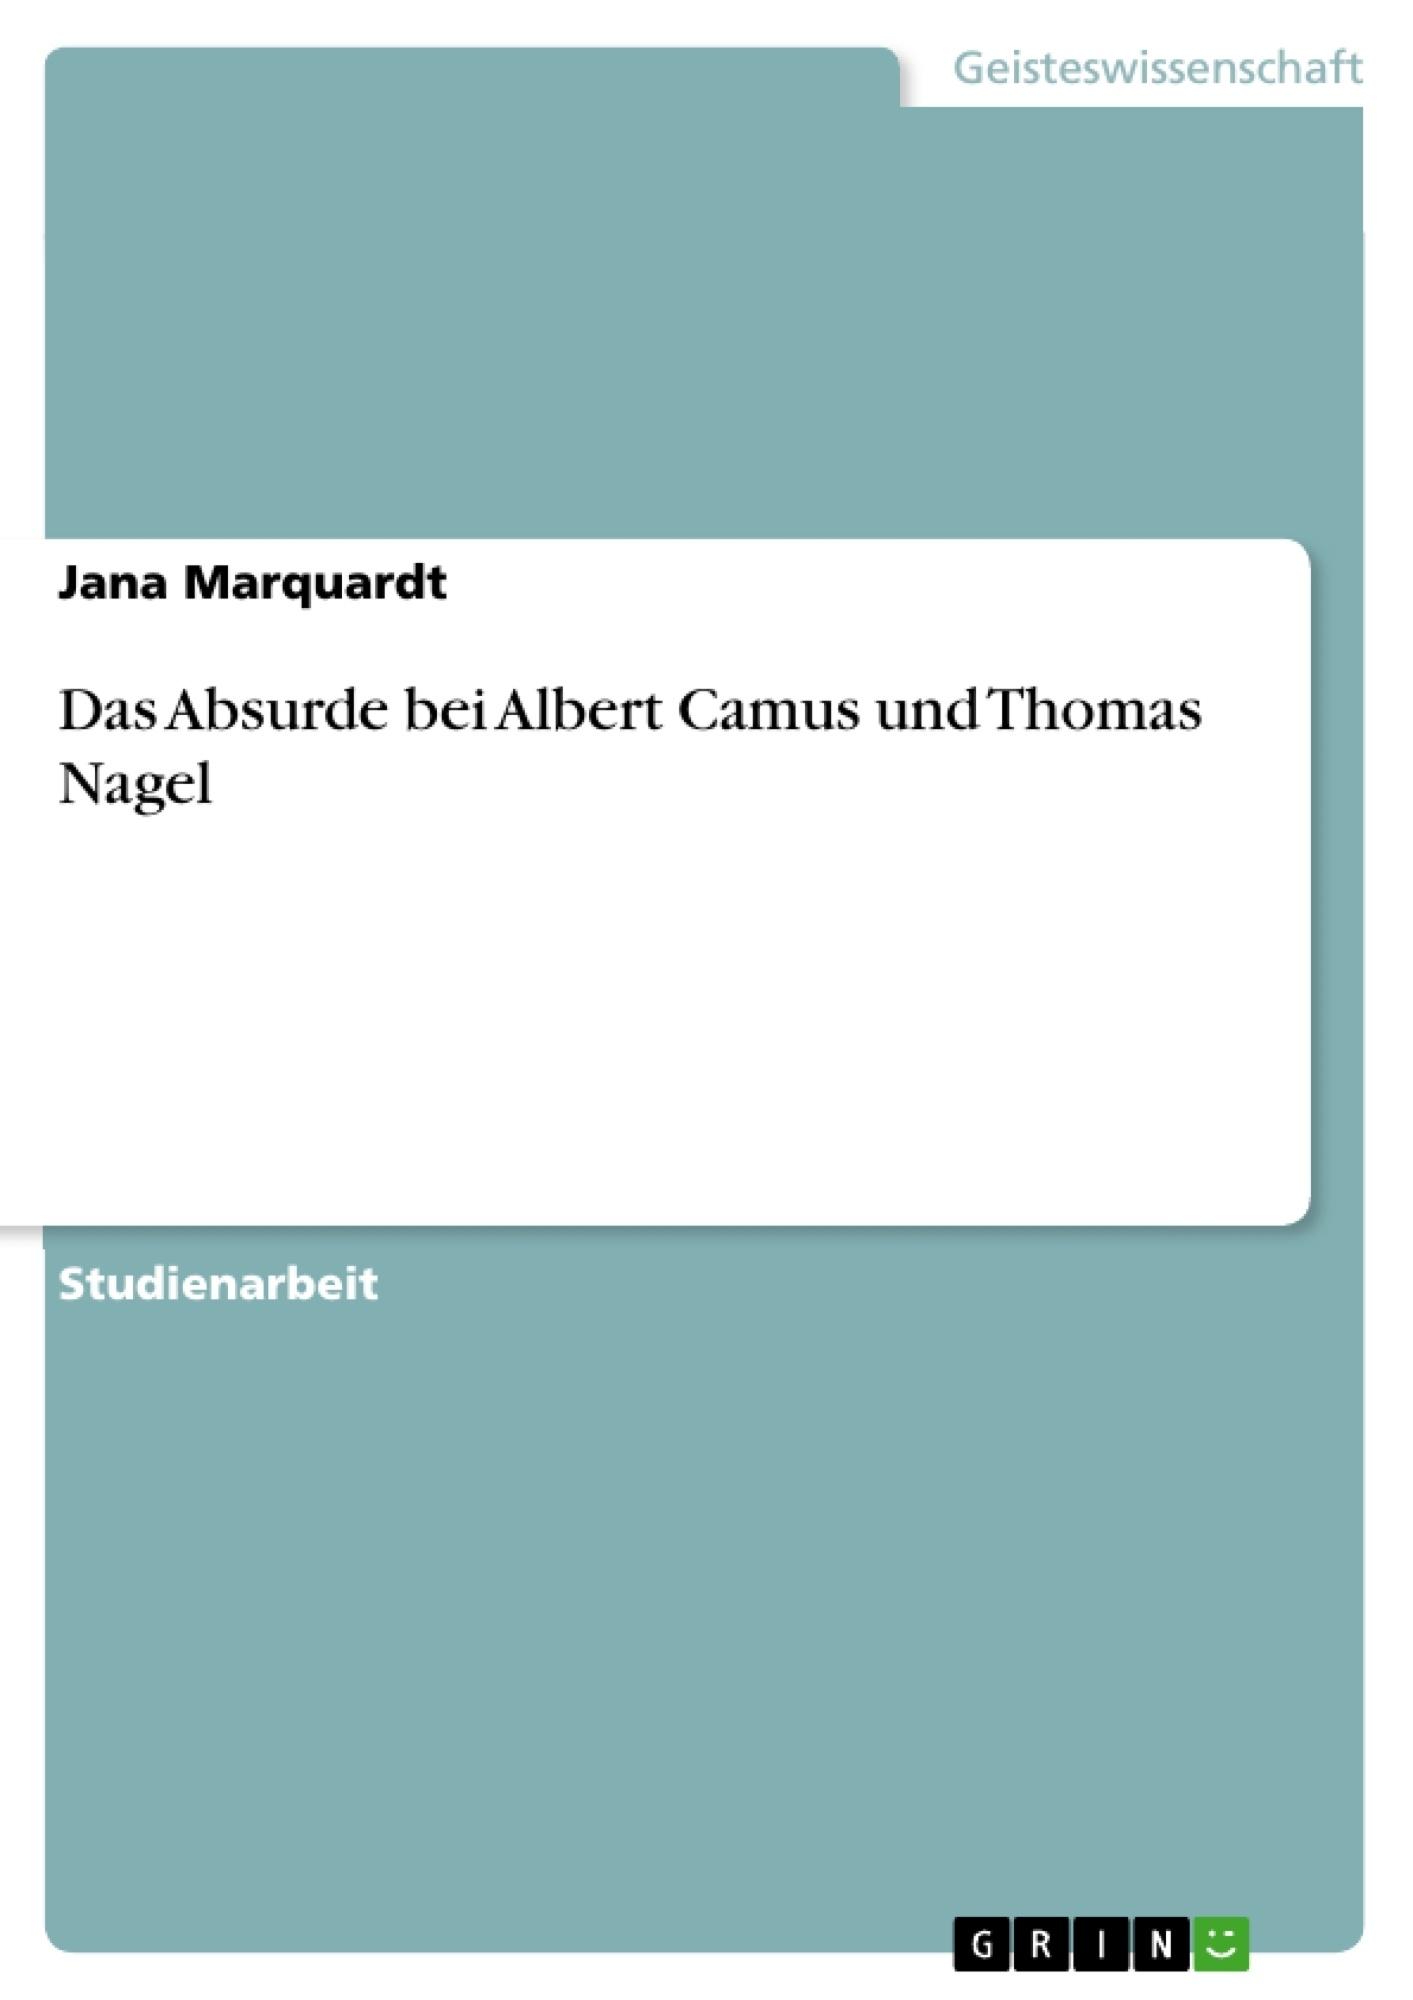 Titel: Das Absurde bei Albert Camus und Thomas Nagel